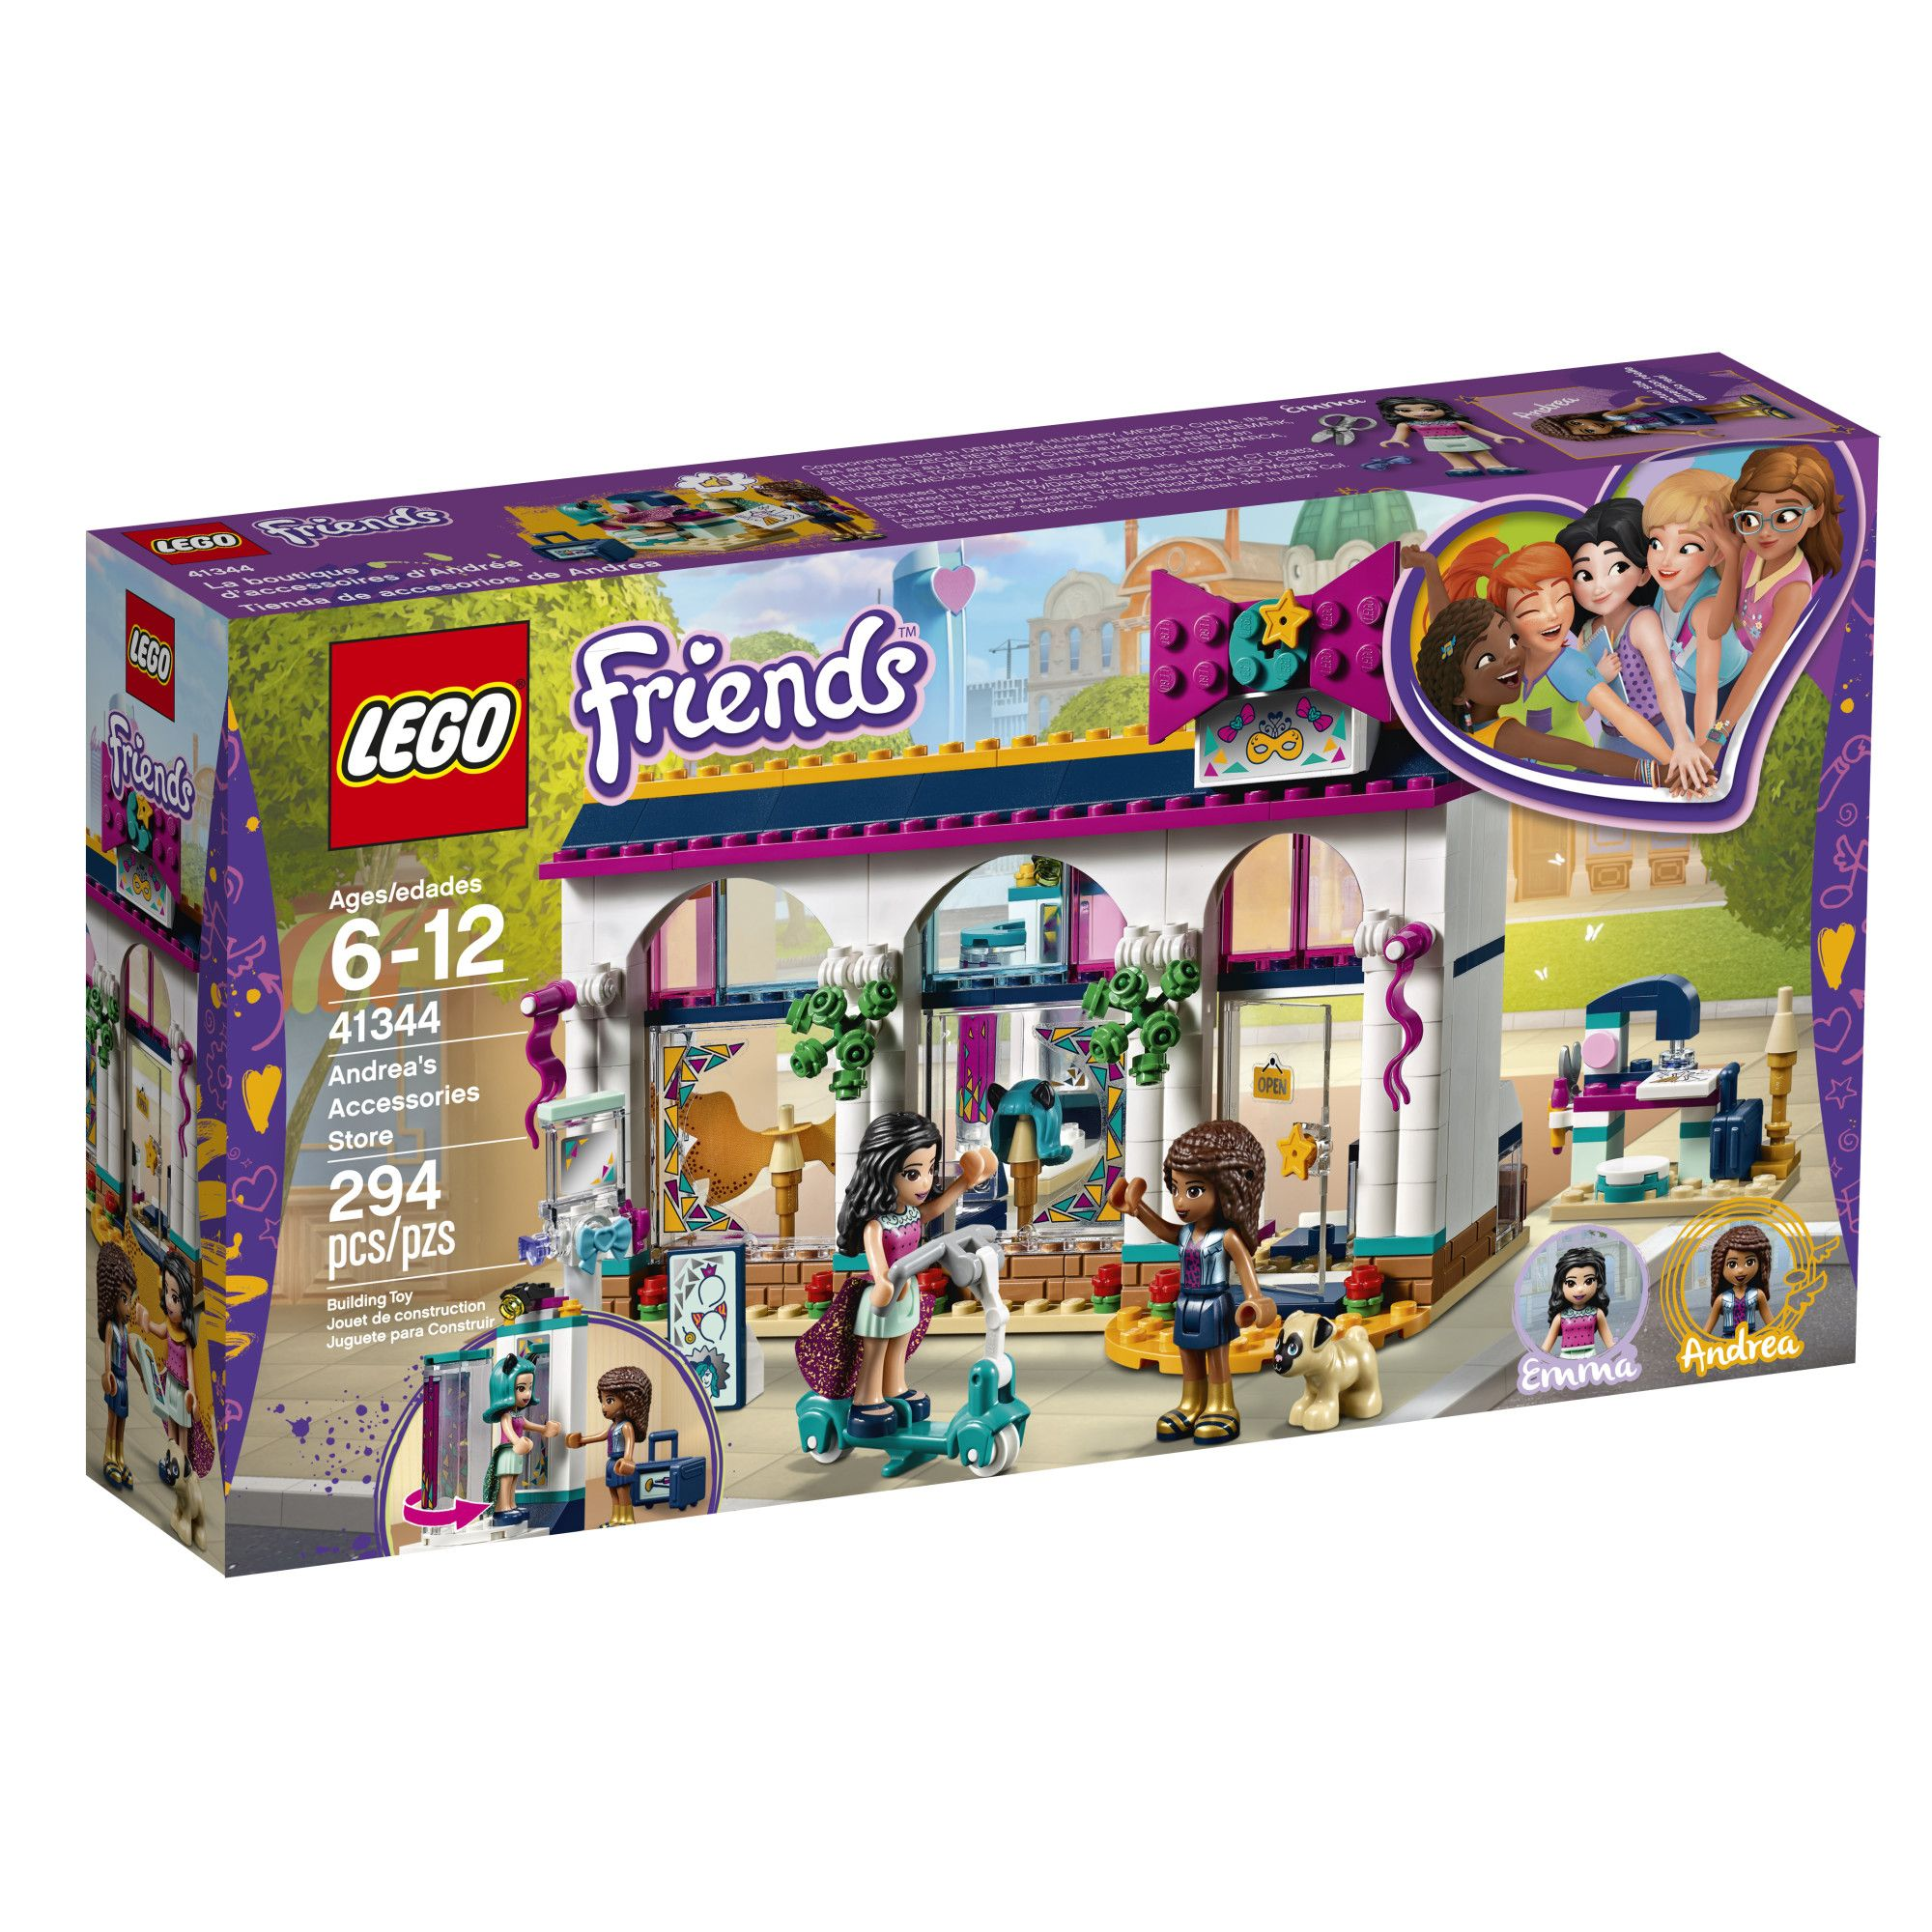 Lego Friends Andrea S Accessories Store 41344 Lego Friends Lego Friends Sets Lego